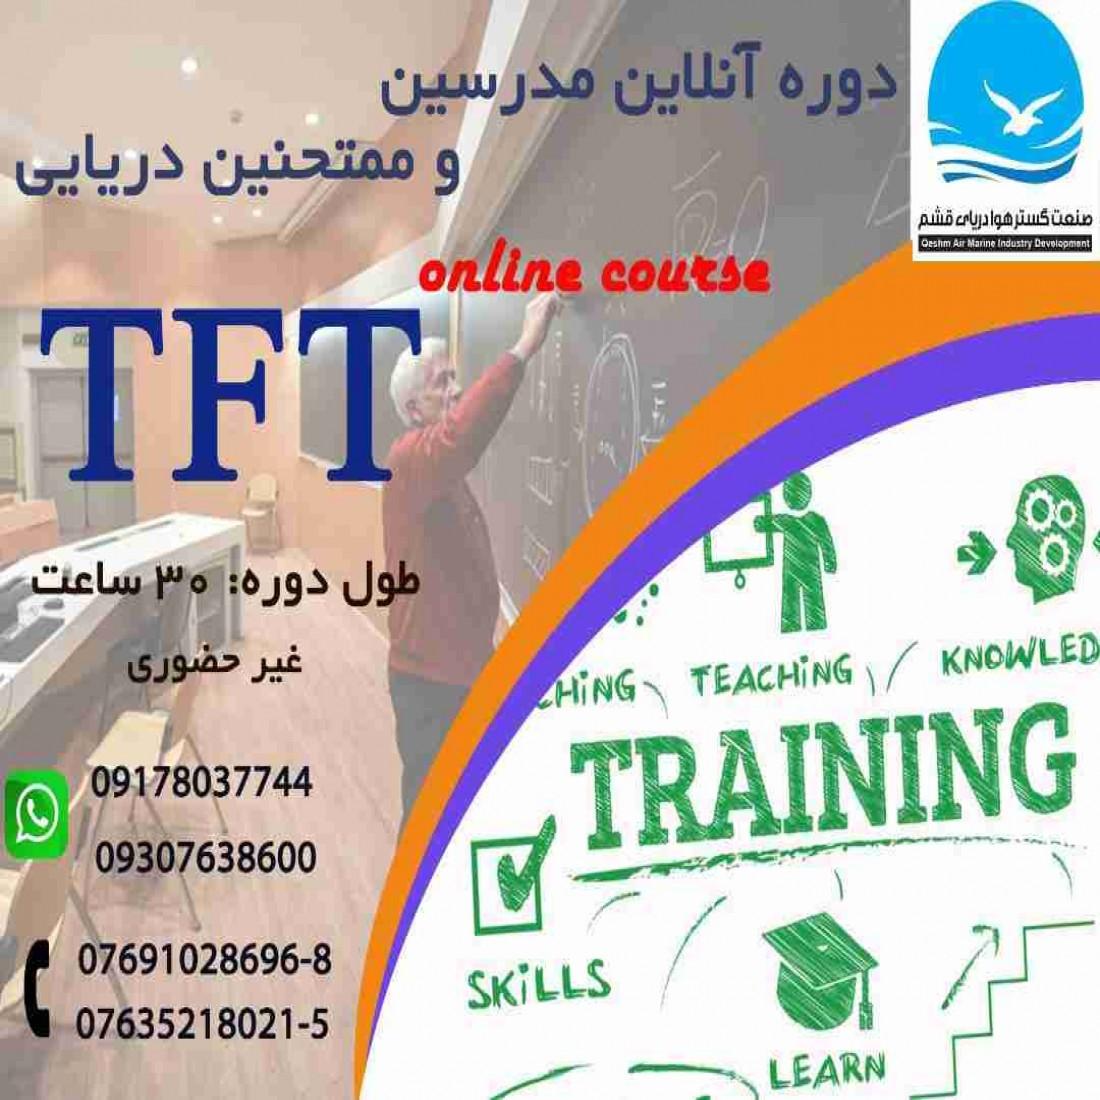 دوره آموزش مدرسین وممتحنین TFT ۳۰